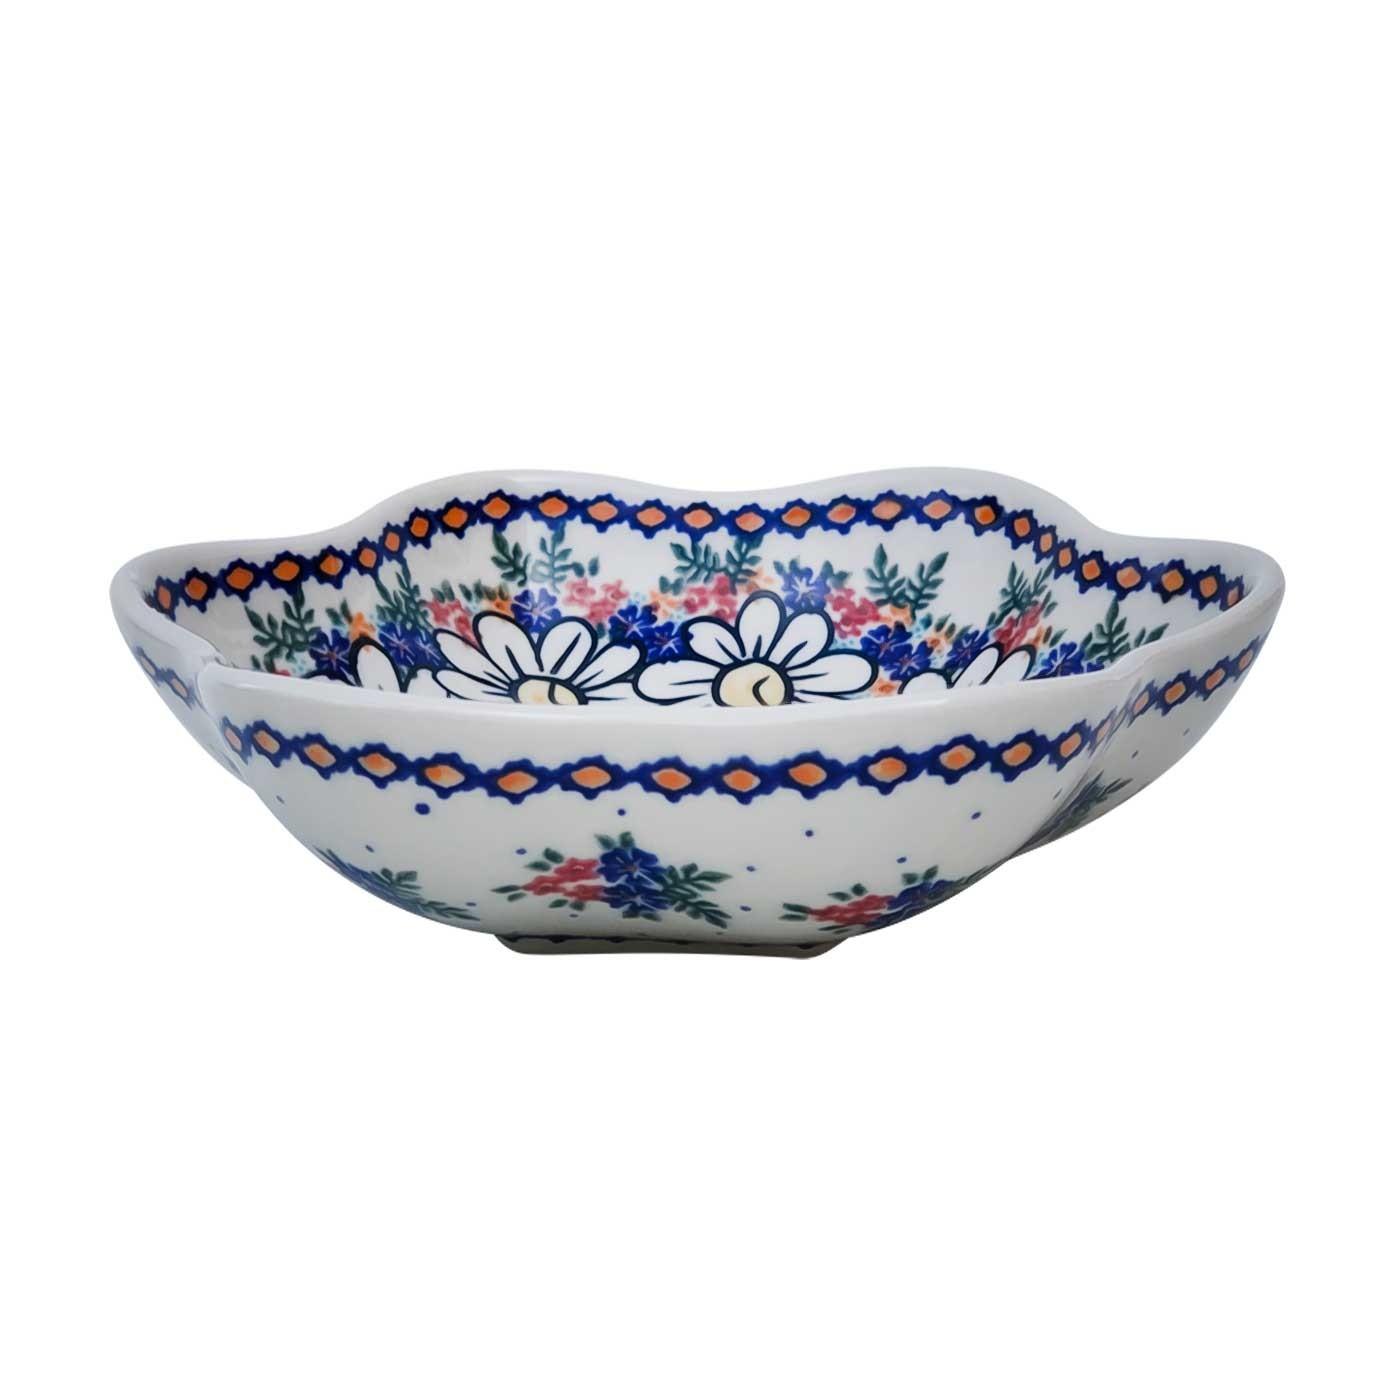 Pottery Avenue Stoneware Boho Bowl (LG) - V447-A110 Rejuvenate